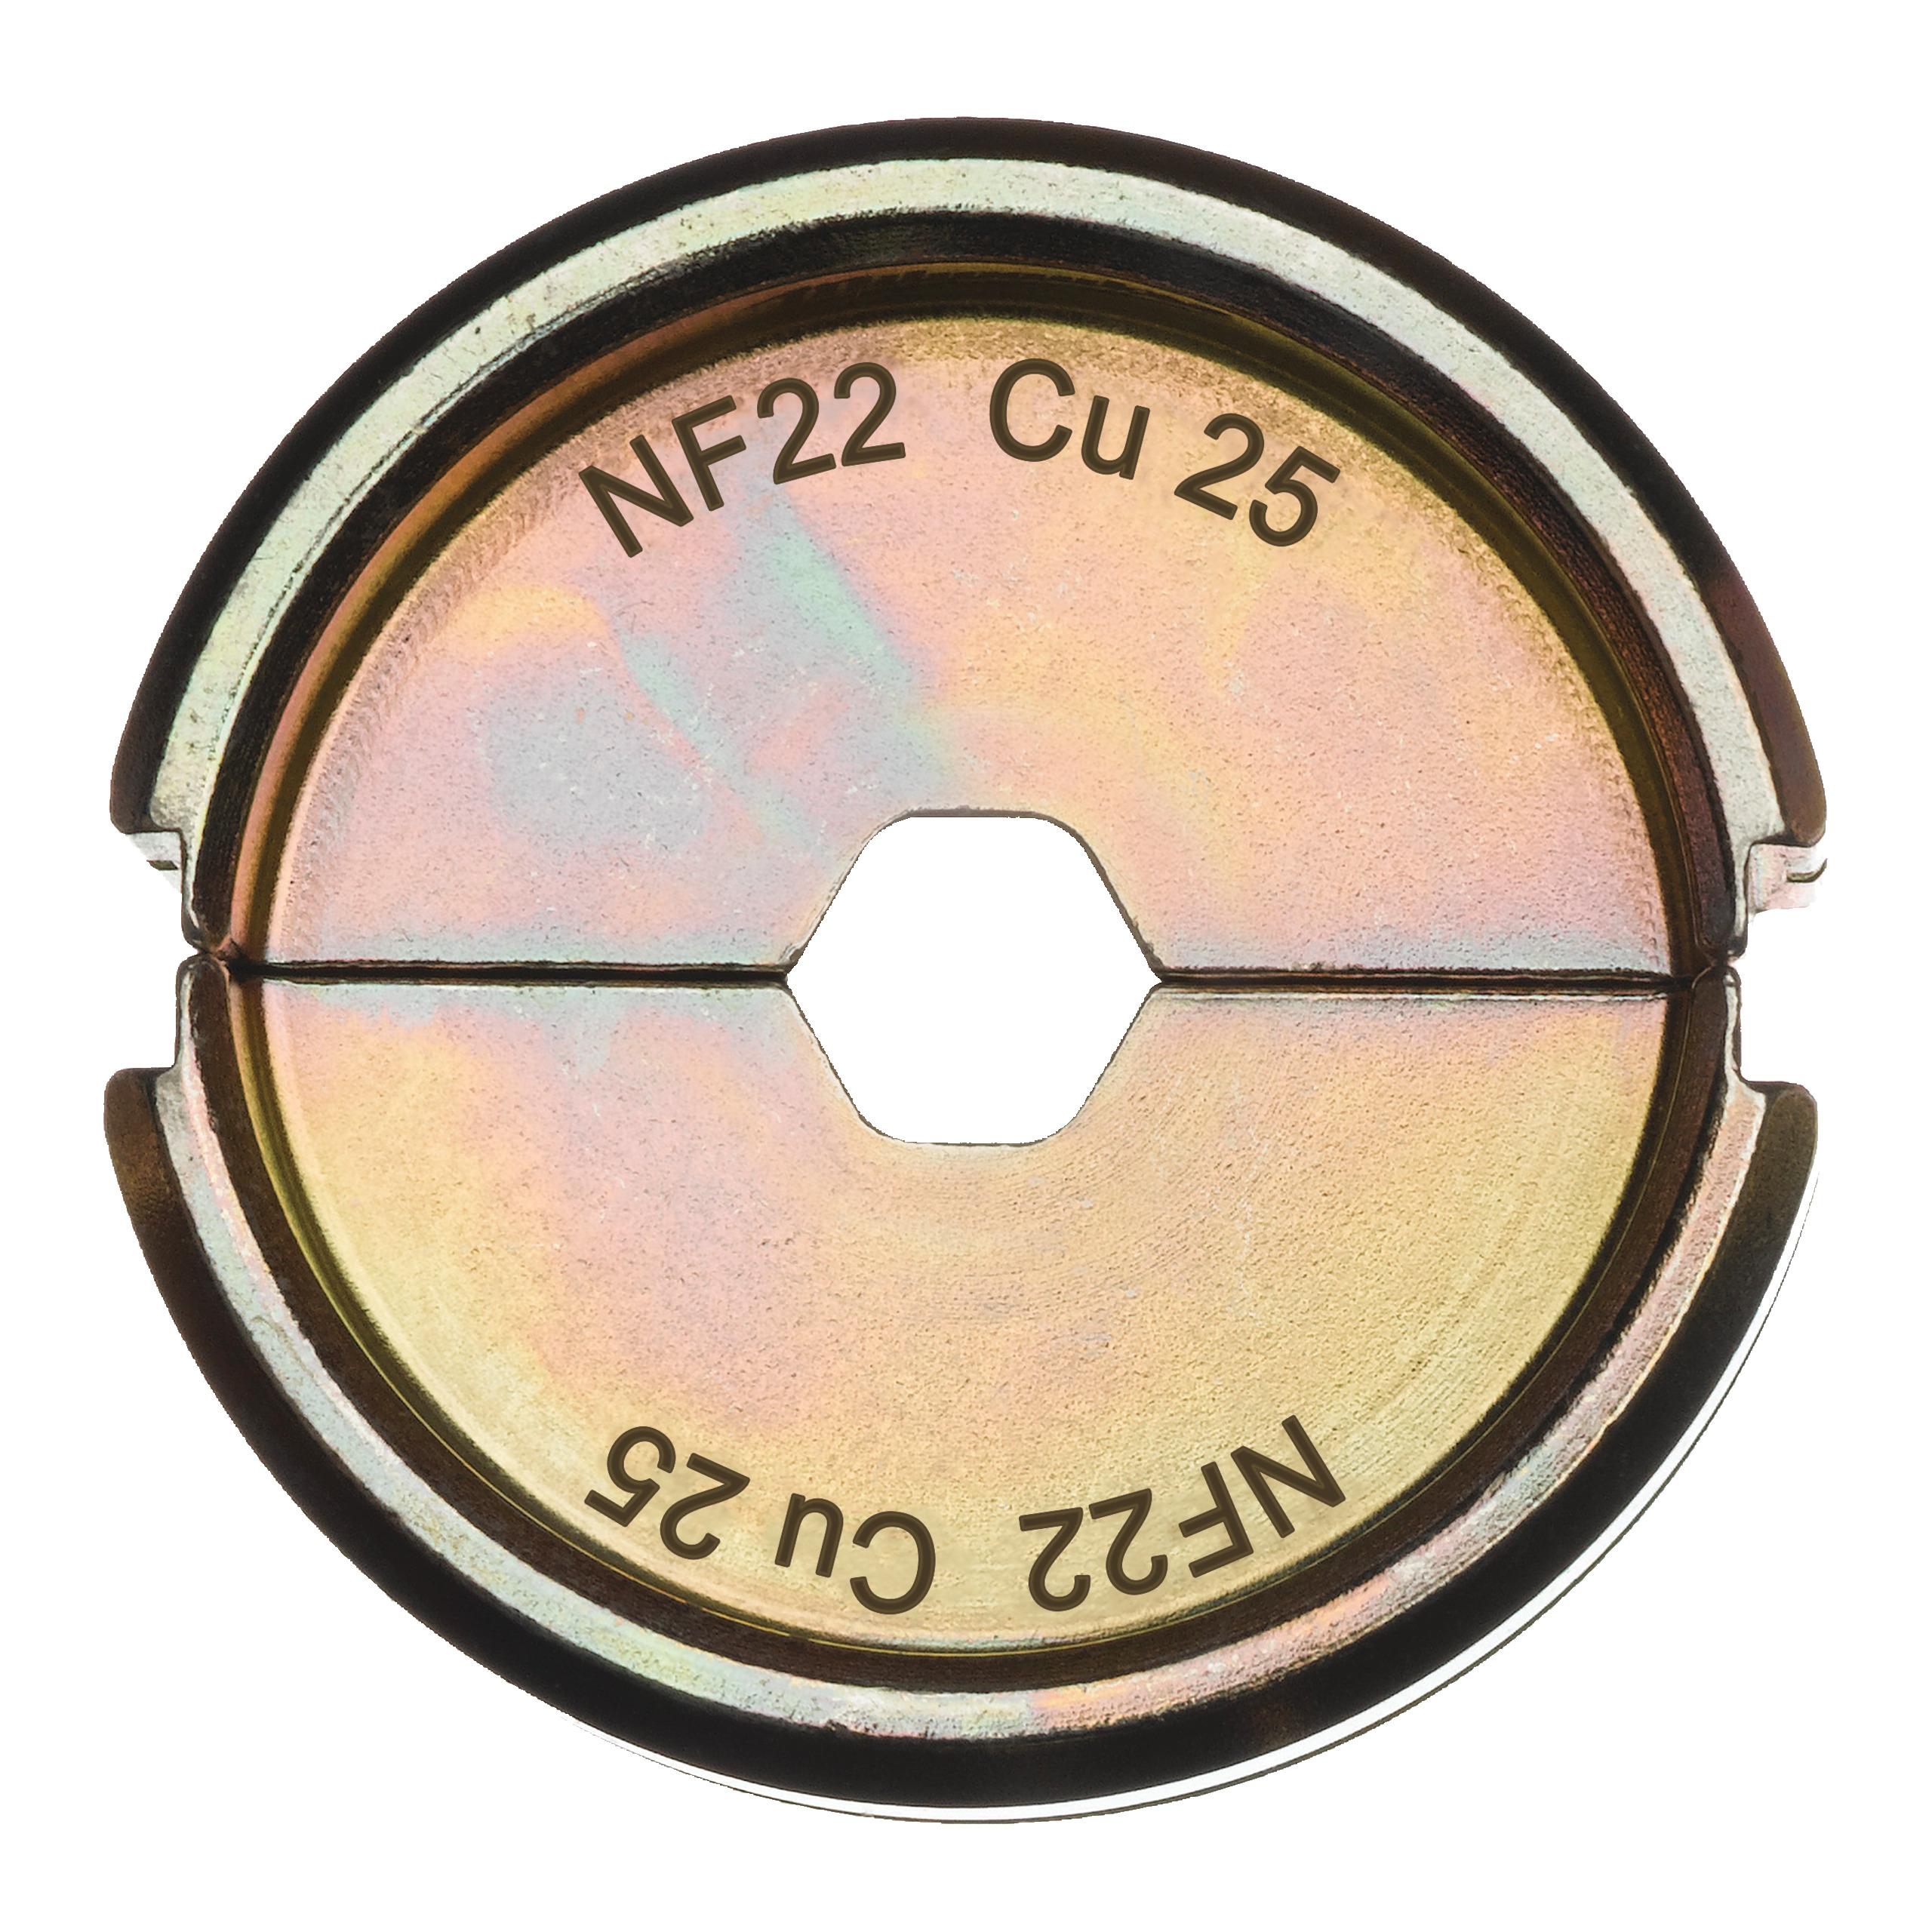 Krimpovací čelisti  NF22 Cu 25